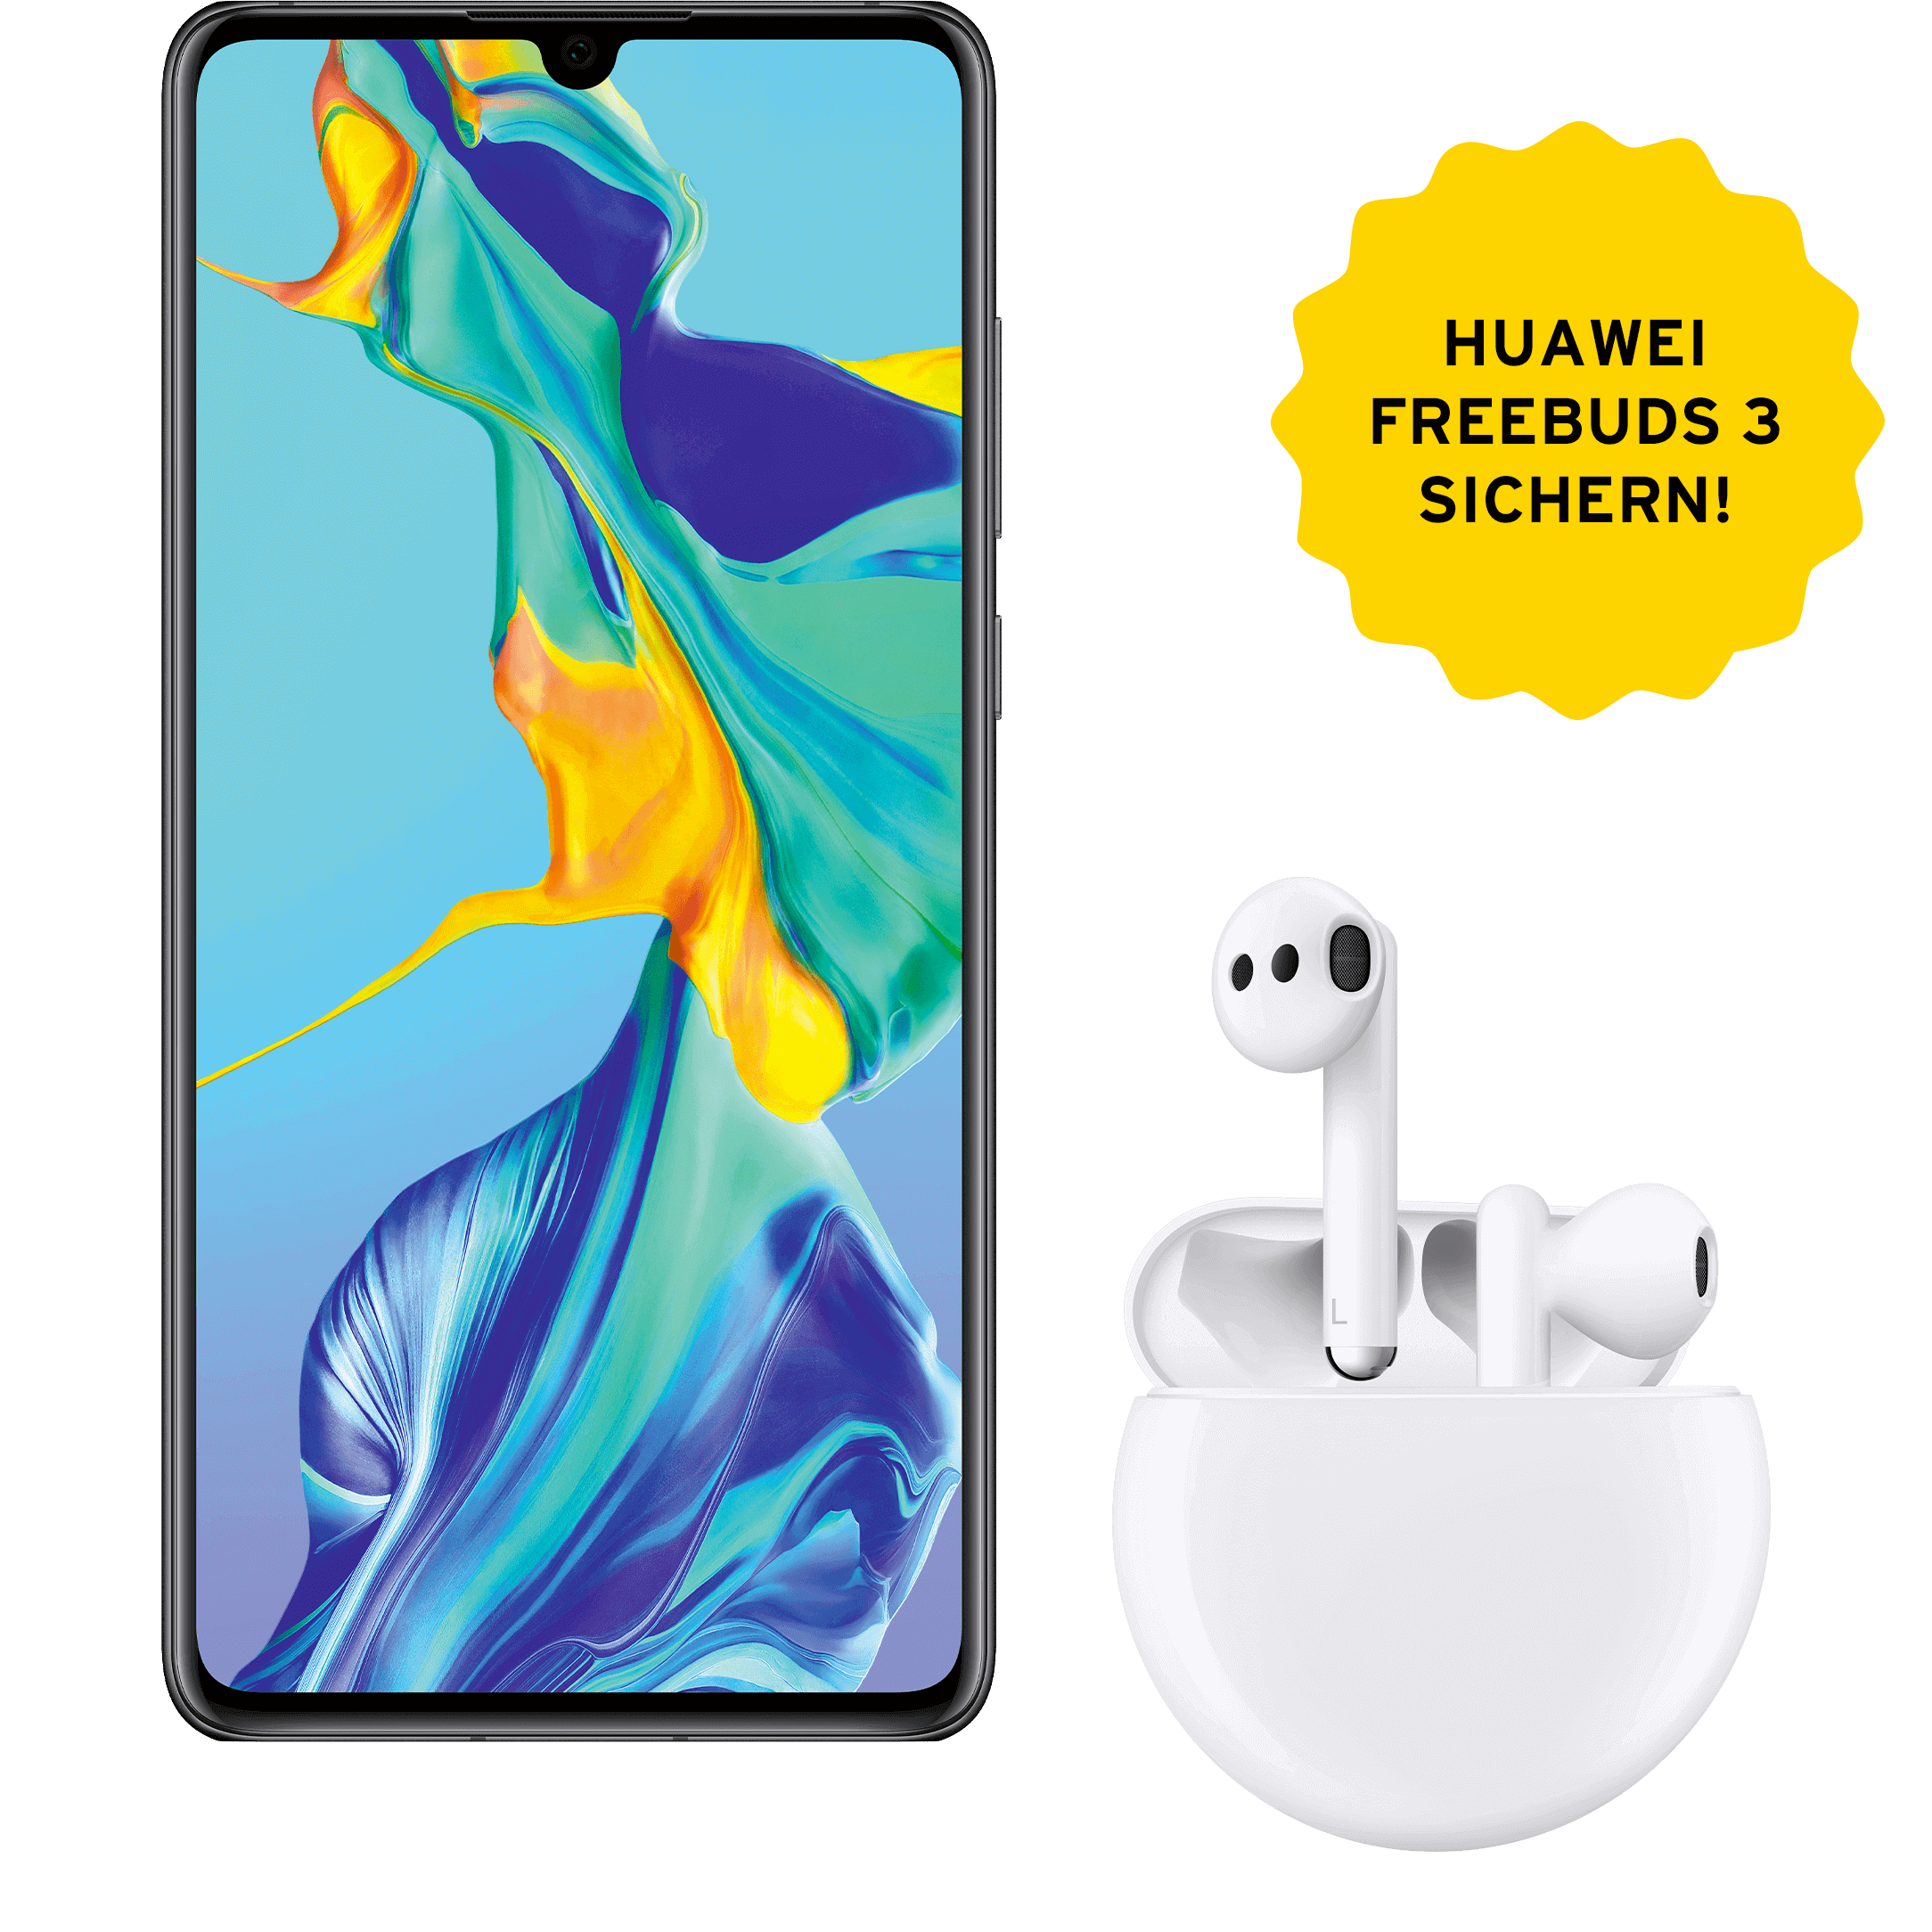 Günstig Kaufen beim Preisvergleich-Huawei P30 128 GB schwarz mit Allnet Flat L